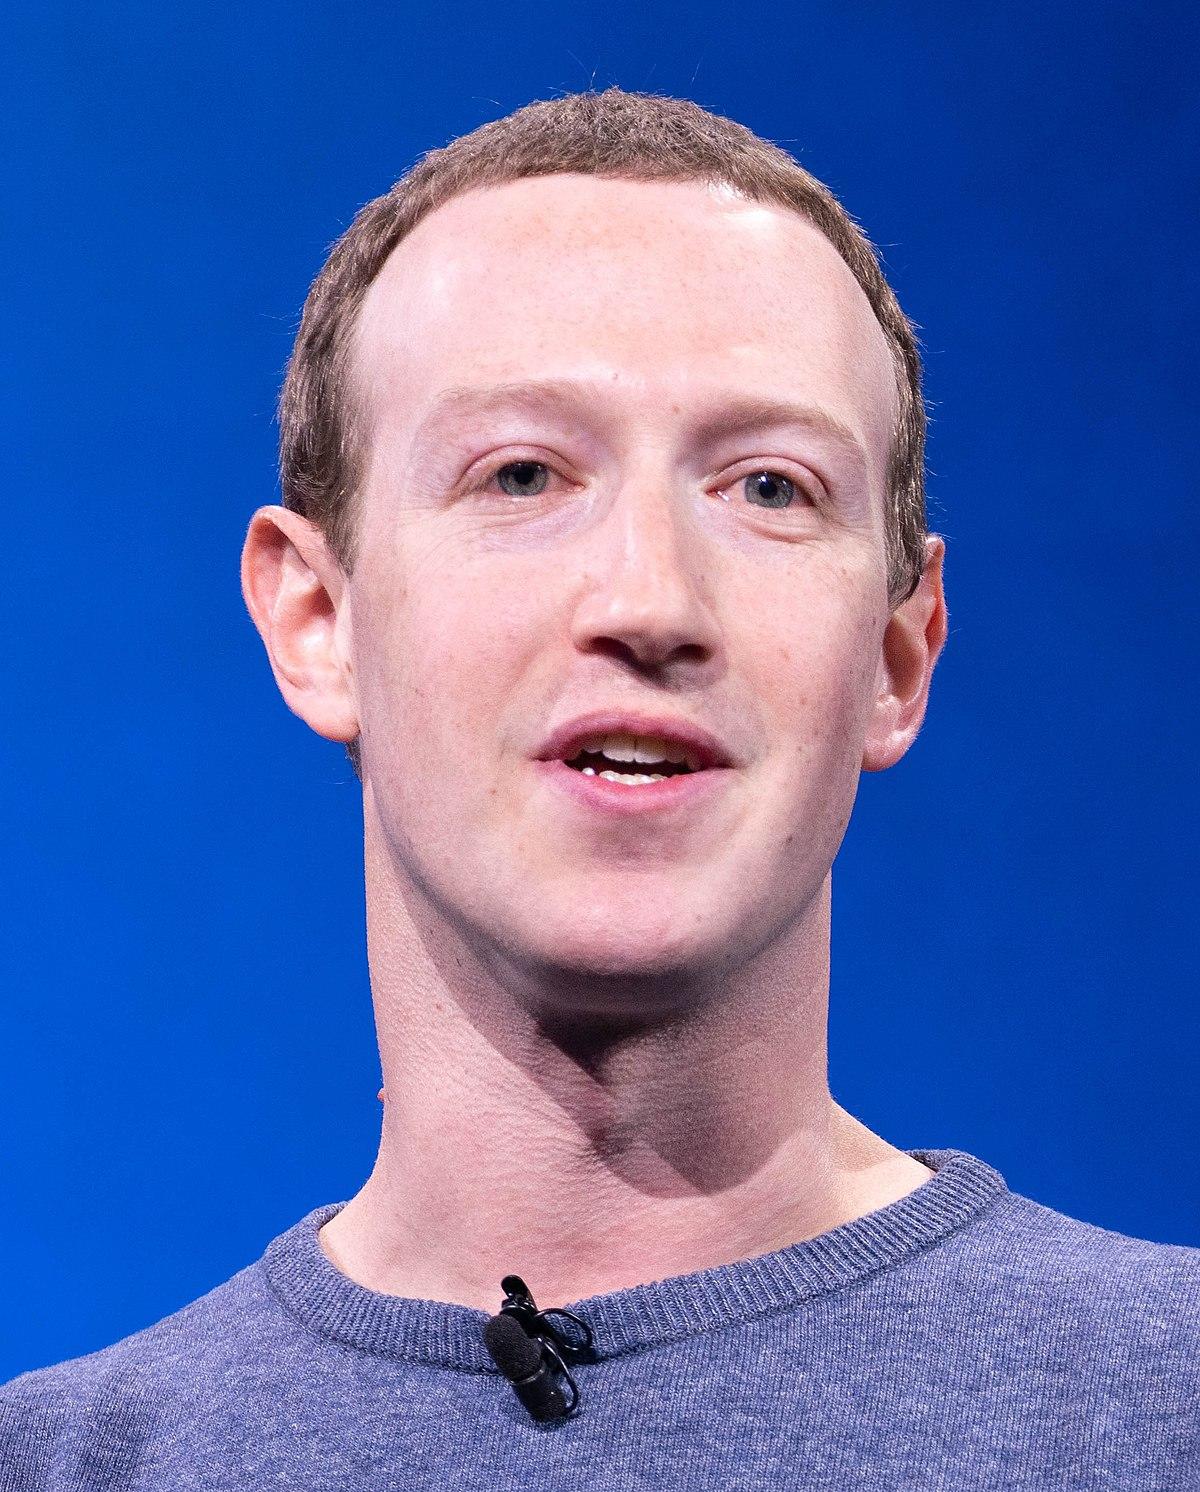 Toda clase de pensamientos ateos. - Página 5 1200px-Mark_Zuckerberg_F8_2019_Keynote_%2832830578717%29_%28cropped%29